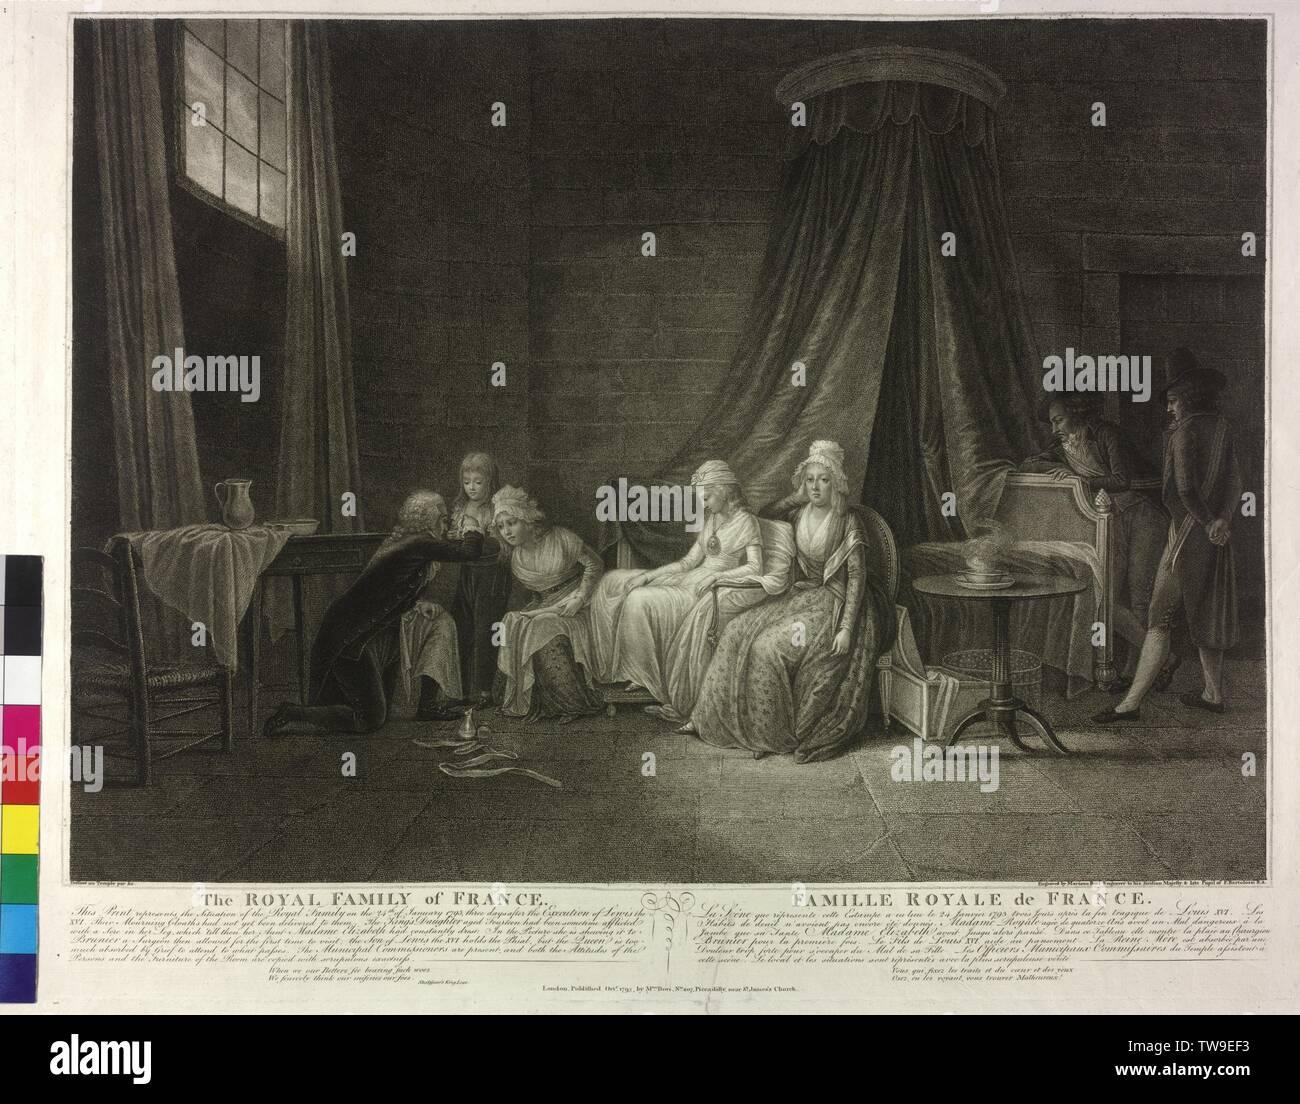 La famiglia reale di Francia dopo la esecuzione di Louis XVI, attacco / punteggiato da Mariano Bovi a Domenico Pellegrini (?), che fa parte di una serie sexpartite 'una storia della grafica Louis XVI e la famiglia reale di Francia', la famiglia del re Luigi XVI è nel tempio di Parigi in cattività, il re era di fronte a tre di tenere un incontro mettere la morte, il superstite gobba di dipendenti ma né né lutto, abito da hims questo né non portata era nel mezzo della seduta Marie Therese, la figlia del Royal, si indossa un medaglione con il p, Additional-Rights-Clearance-Info-Not-Available Immagini Stock